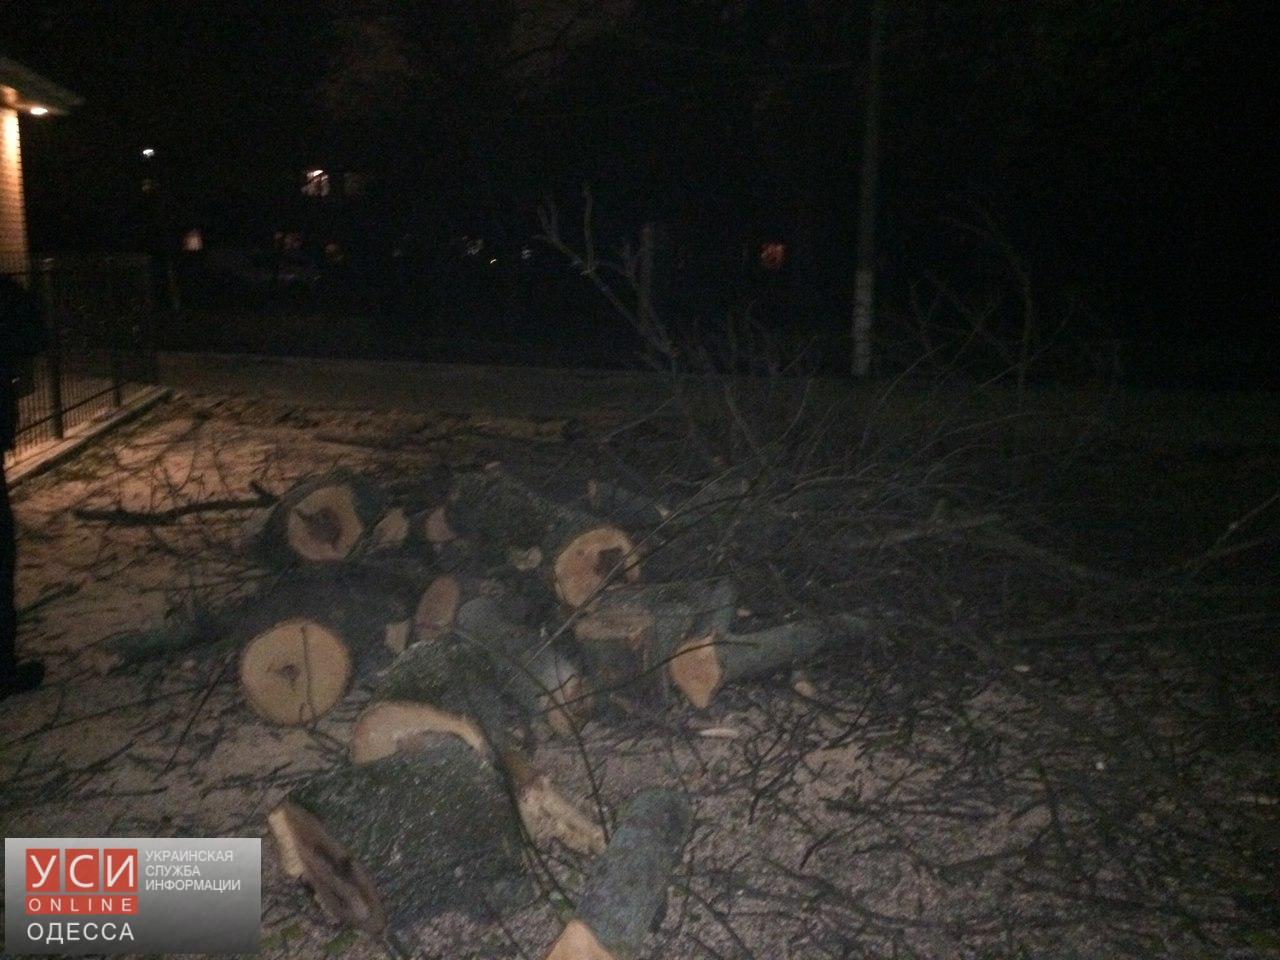 Активисты организовывают дежурства в Преображенском парке, чтобы помешать коммунальщикам срезать здоровые деревья